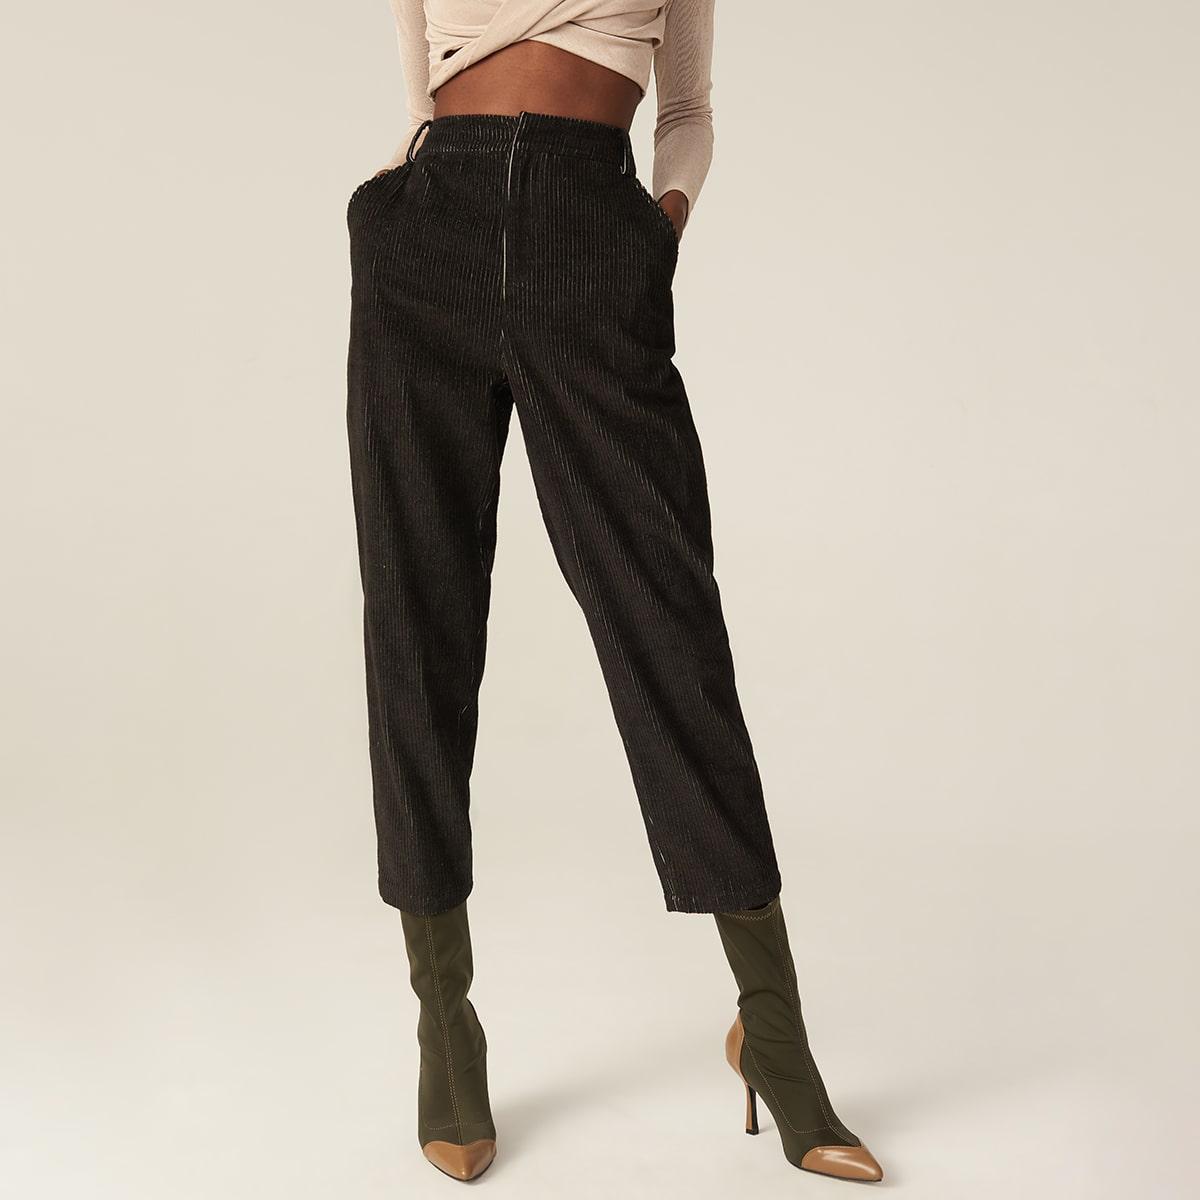 Вельветовые короткие брюки